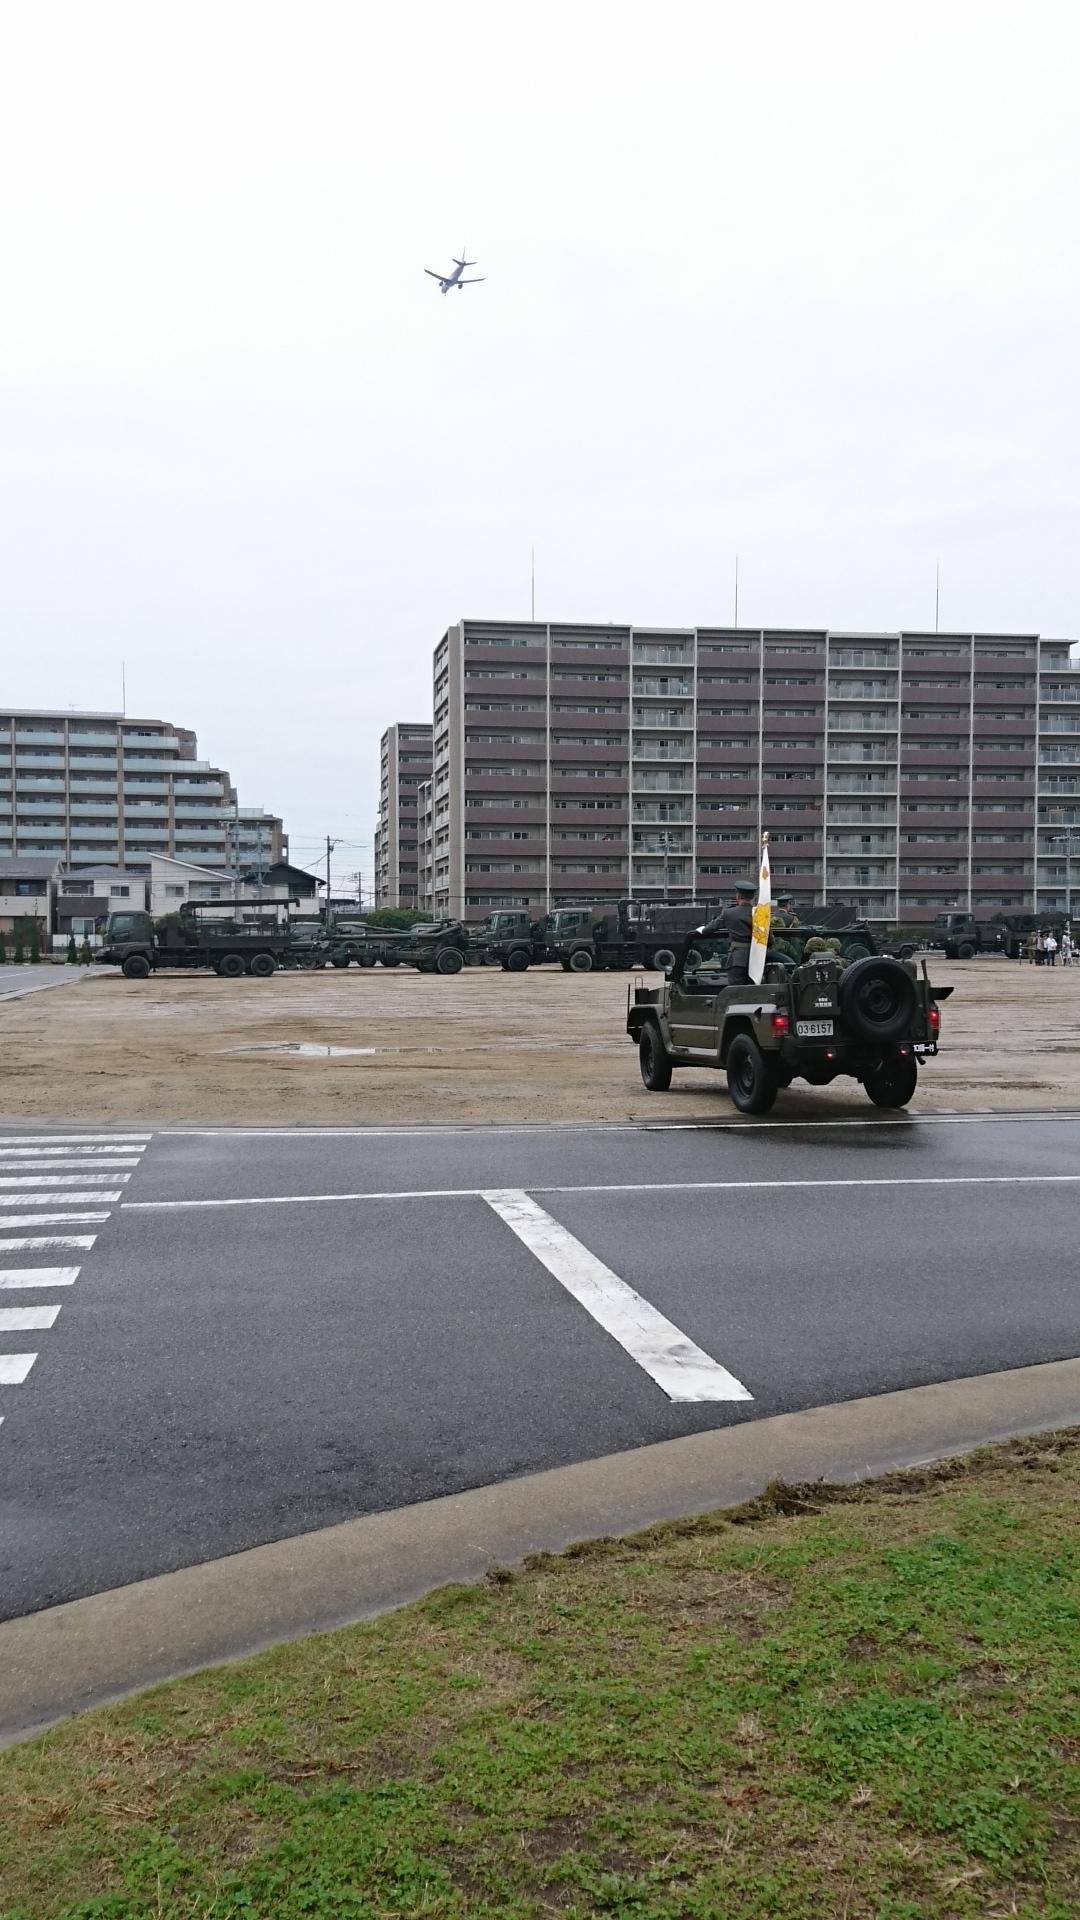 2017.10.28 守山駐屯地 (9) ジープと飛行機 1080-1920